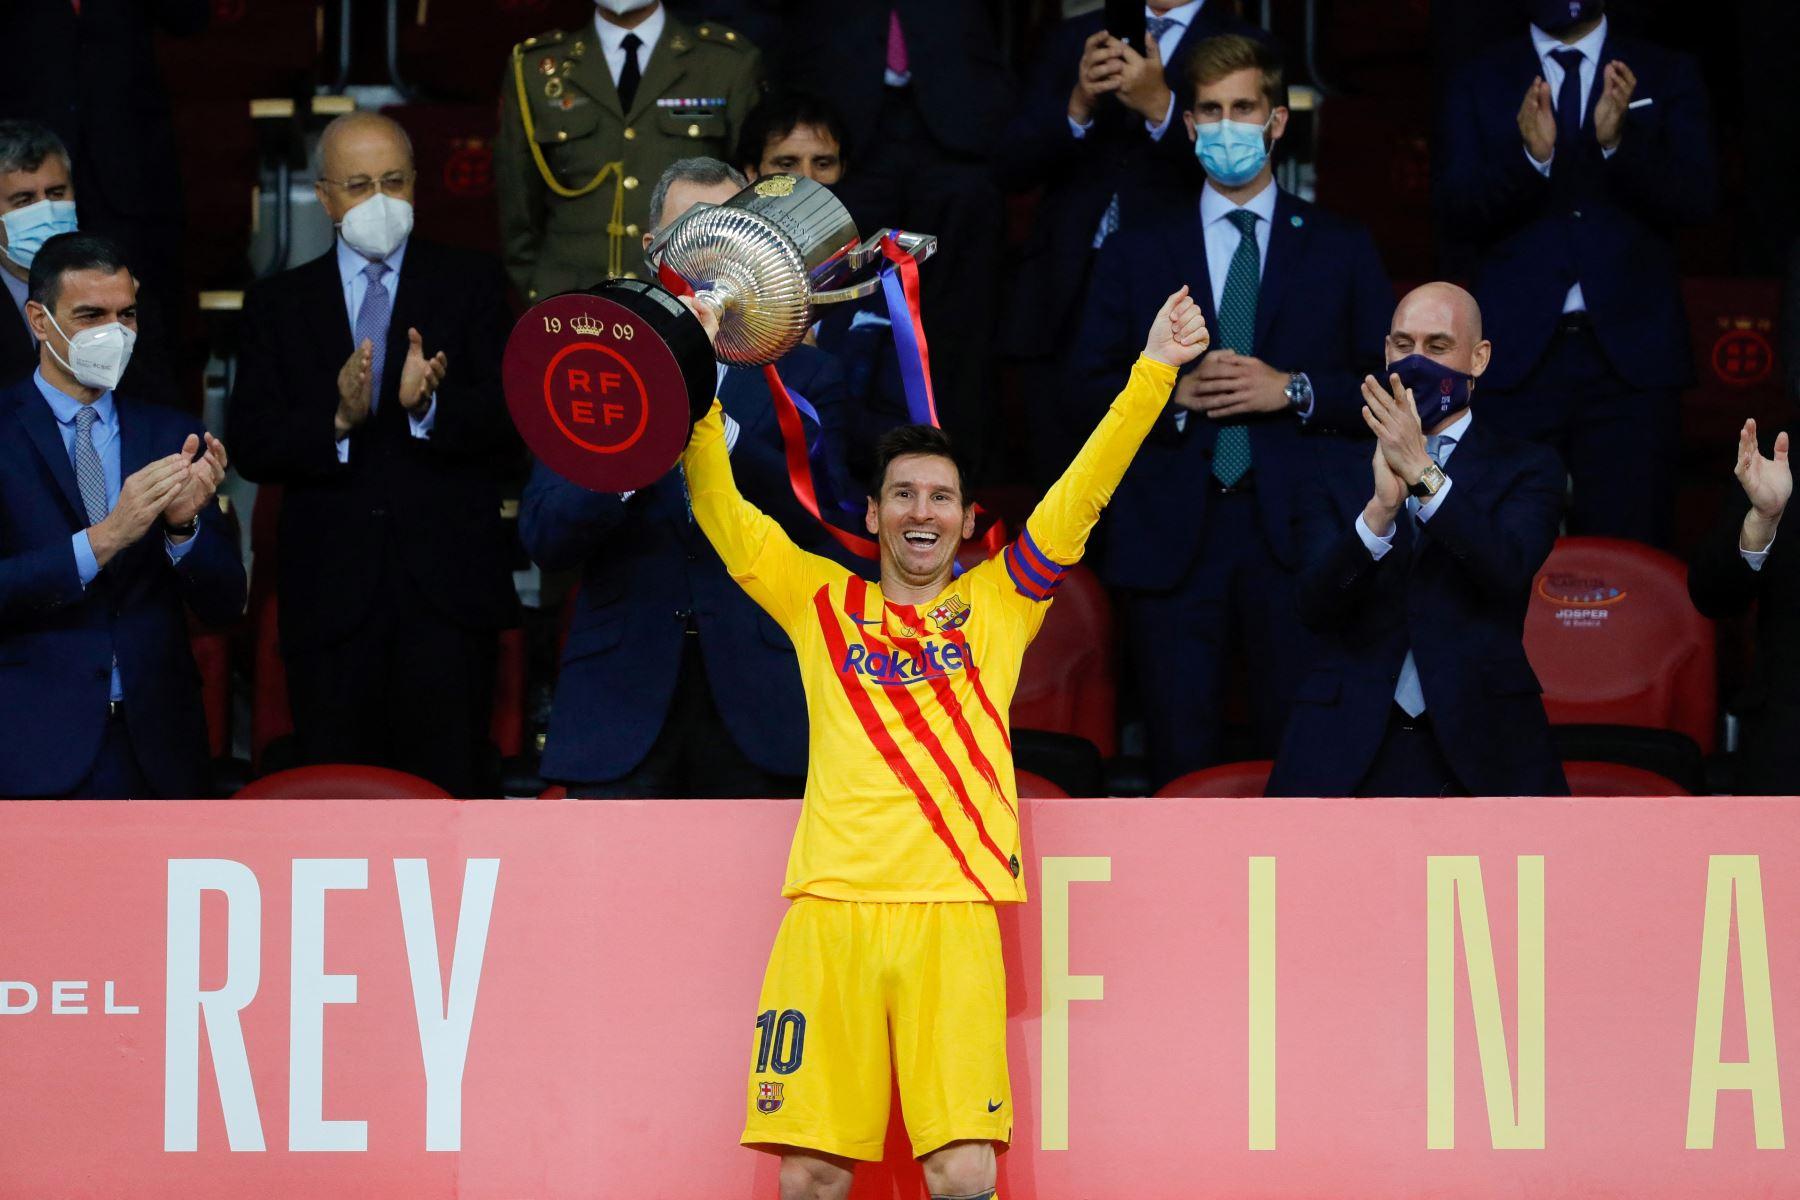 Una imagen publicada por la Federación Española de Fútbol (RFEF) muestra al delantero argentino del Barcelona Lionel Messi celebrando con el trofeo al final de la final de la Copa del Rey de España entre el Athletic Club de Bilbao y el FC Barcelona en el estadio de La Cartuja en Sevilla. Foto: AFP